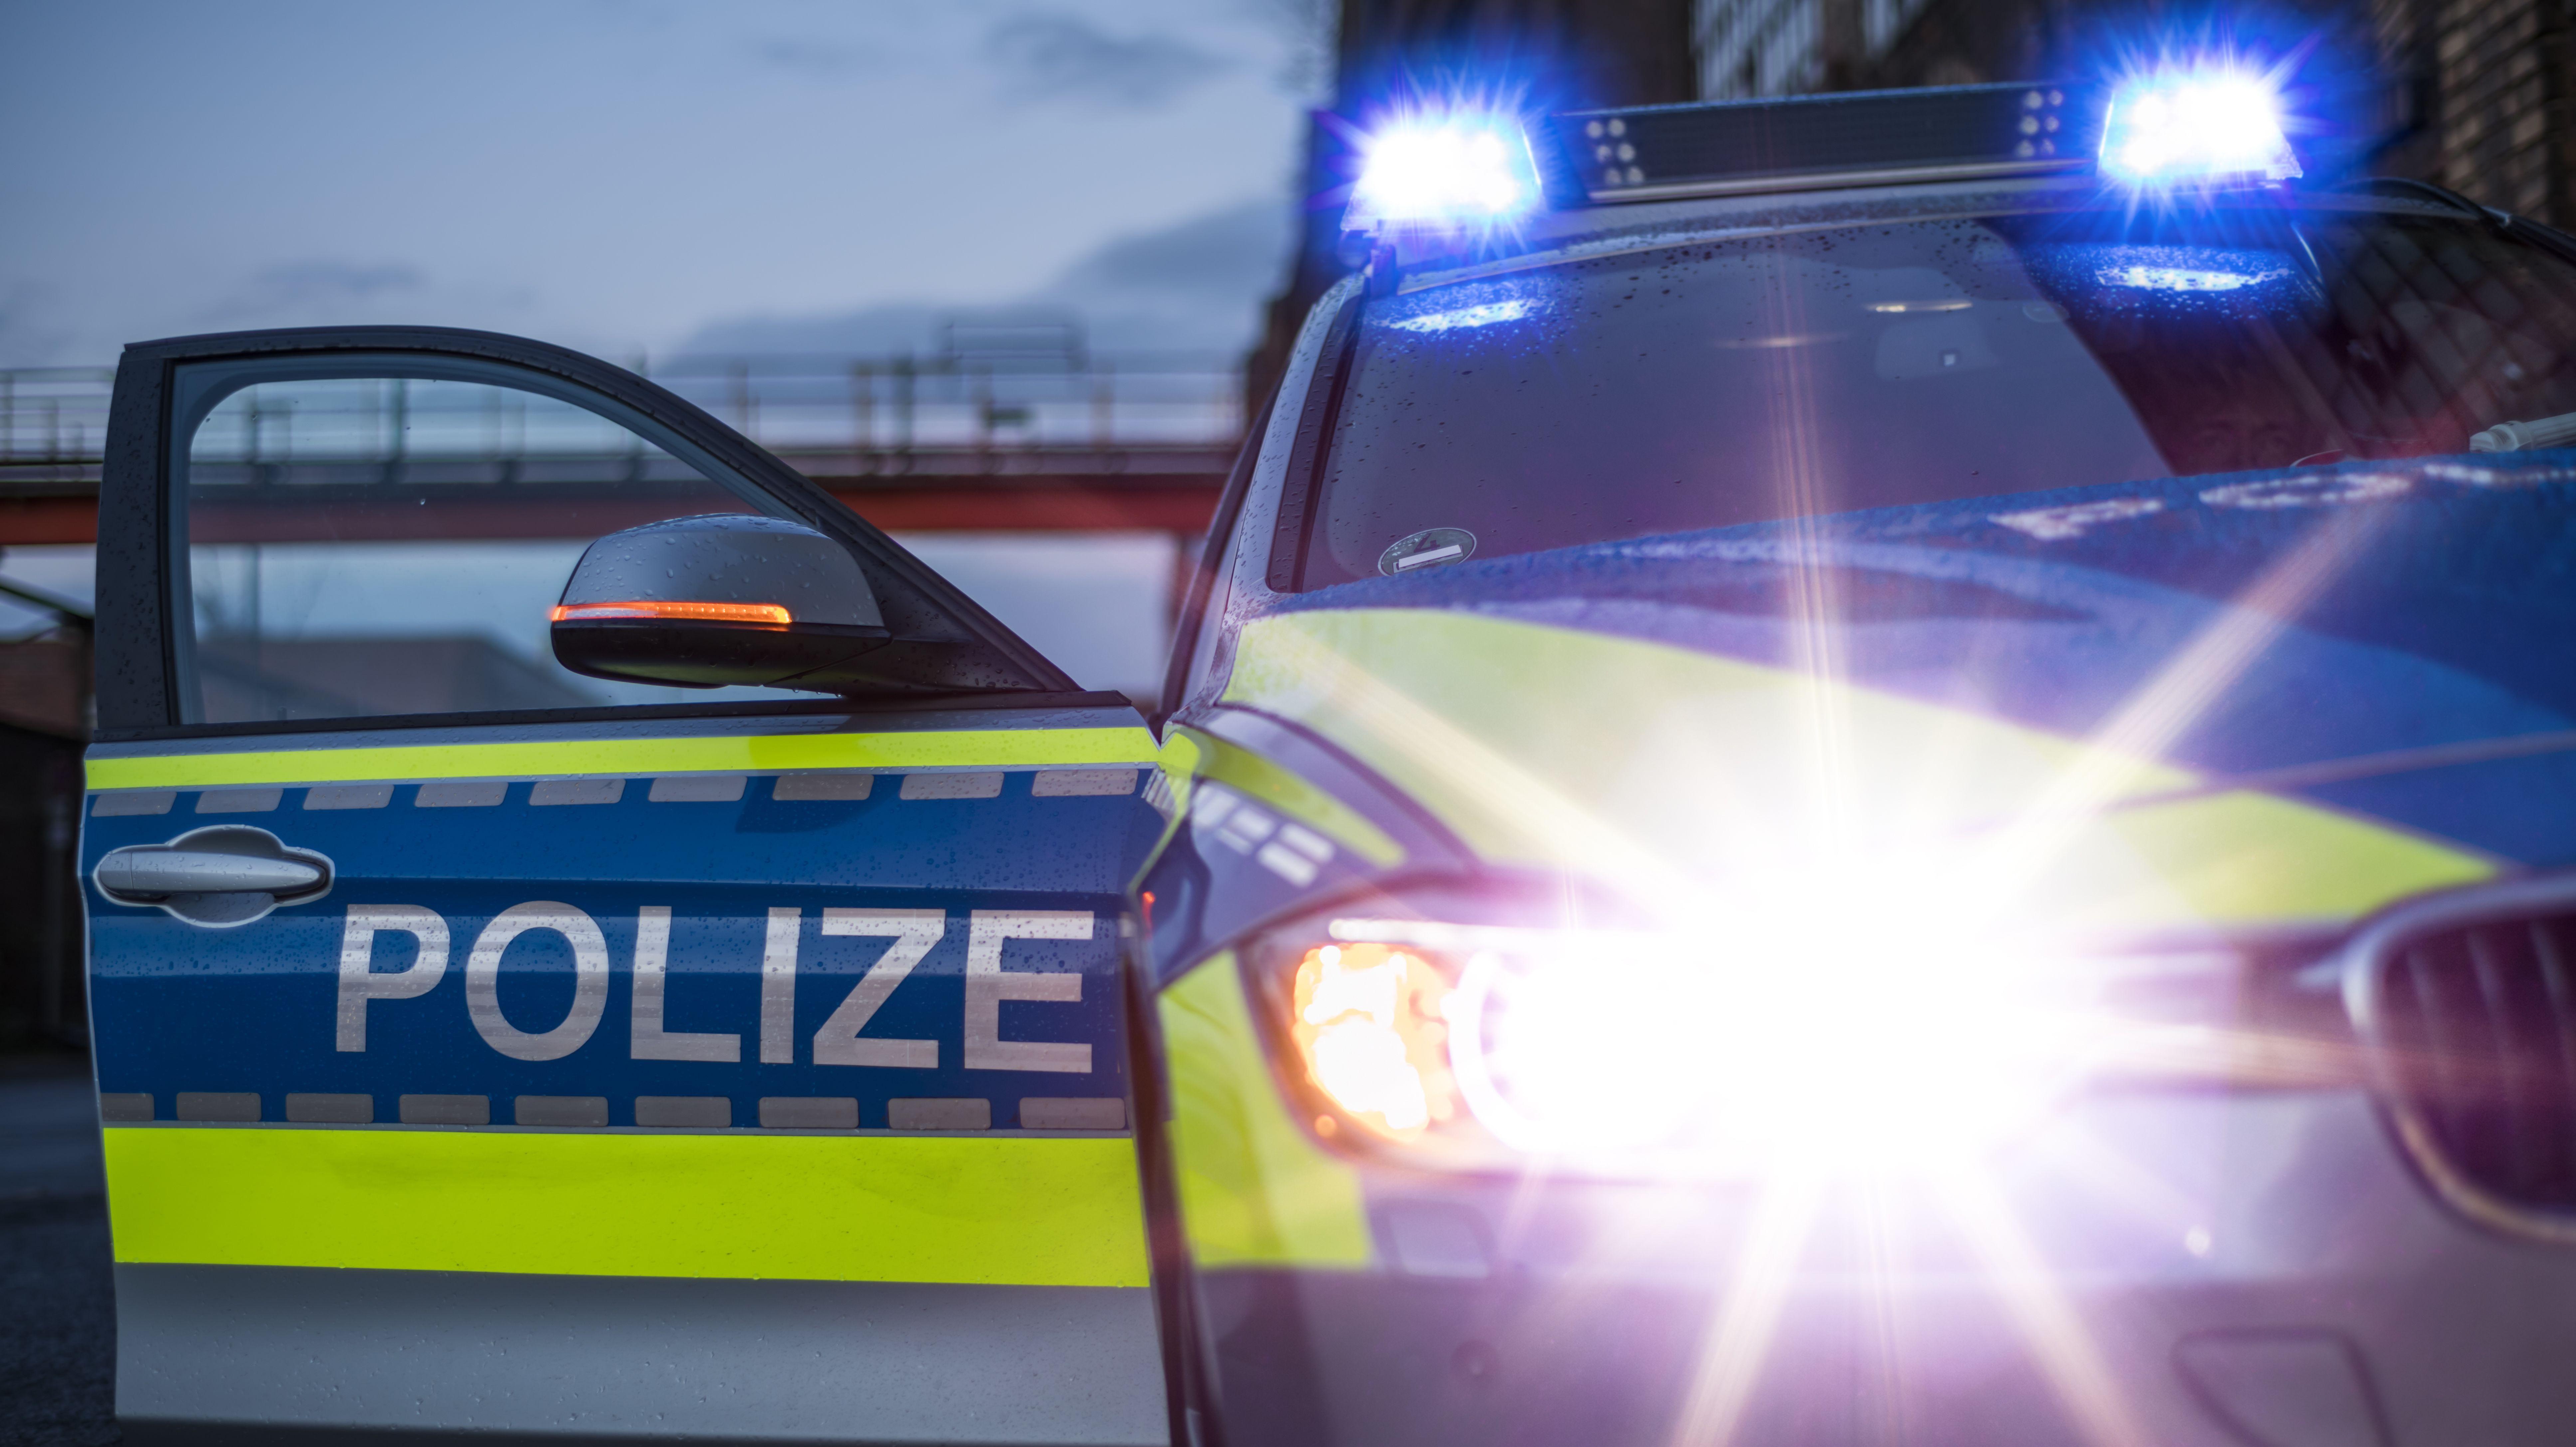 Streifenwagen der Polizei mit Blaulicht